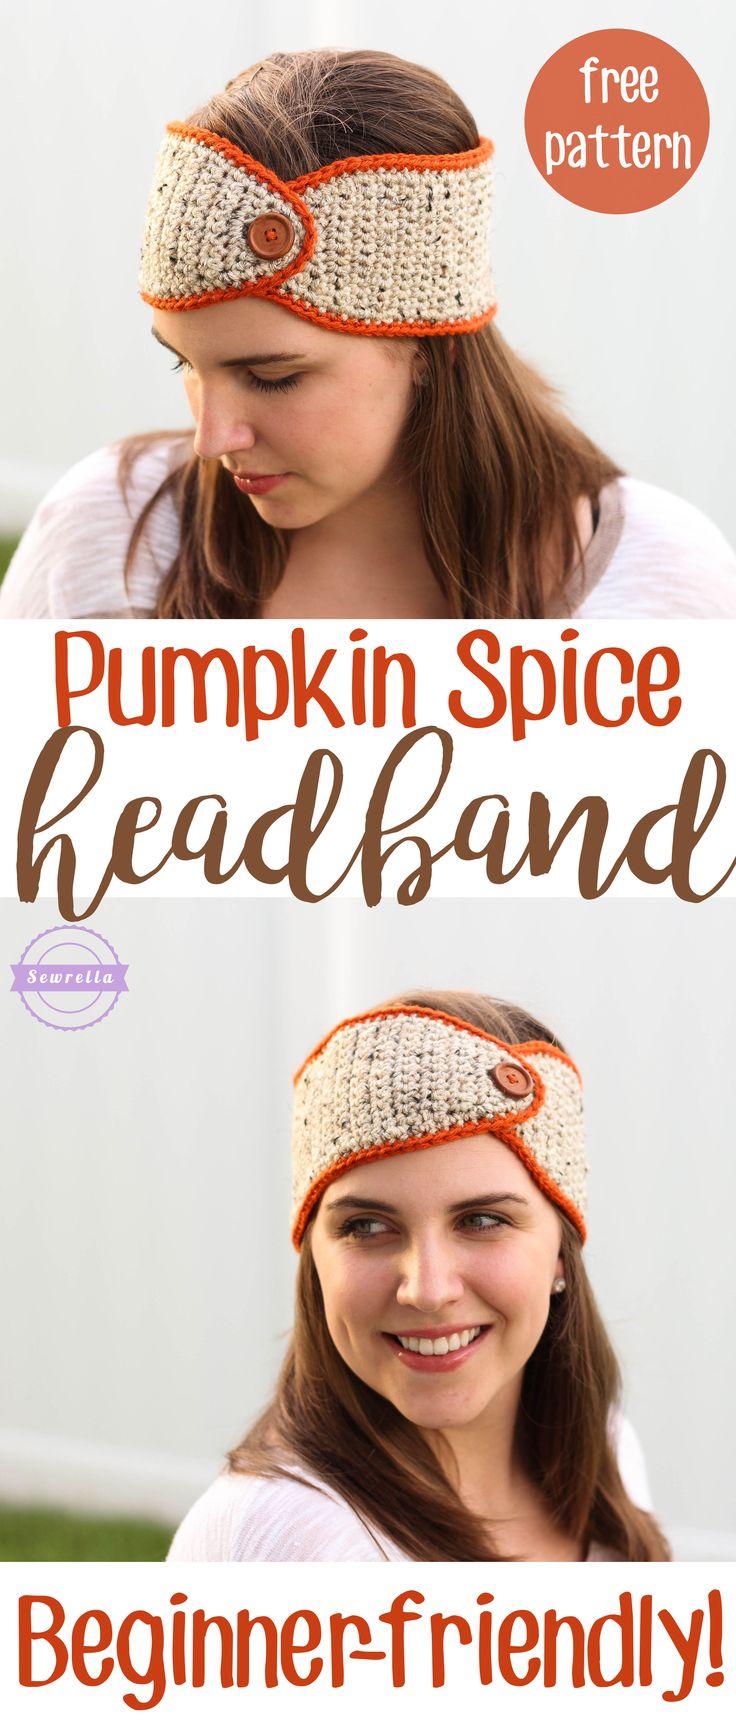 Pumpkin Spice Headband Ear Warmer   Beginner-friendly!   Free Crochet Pattern from Sewrella